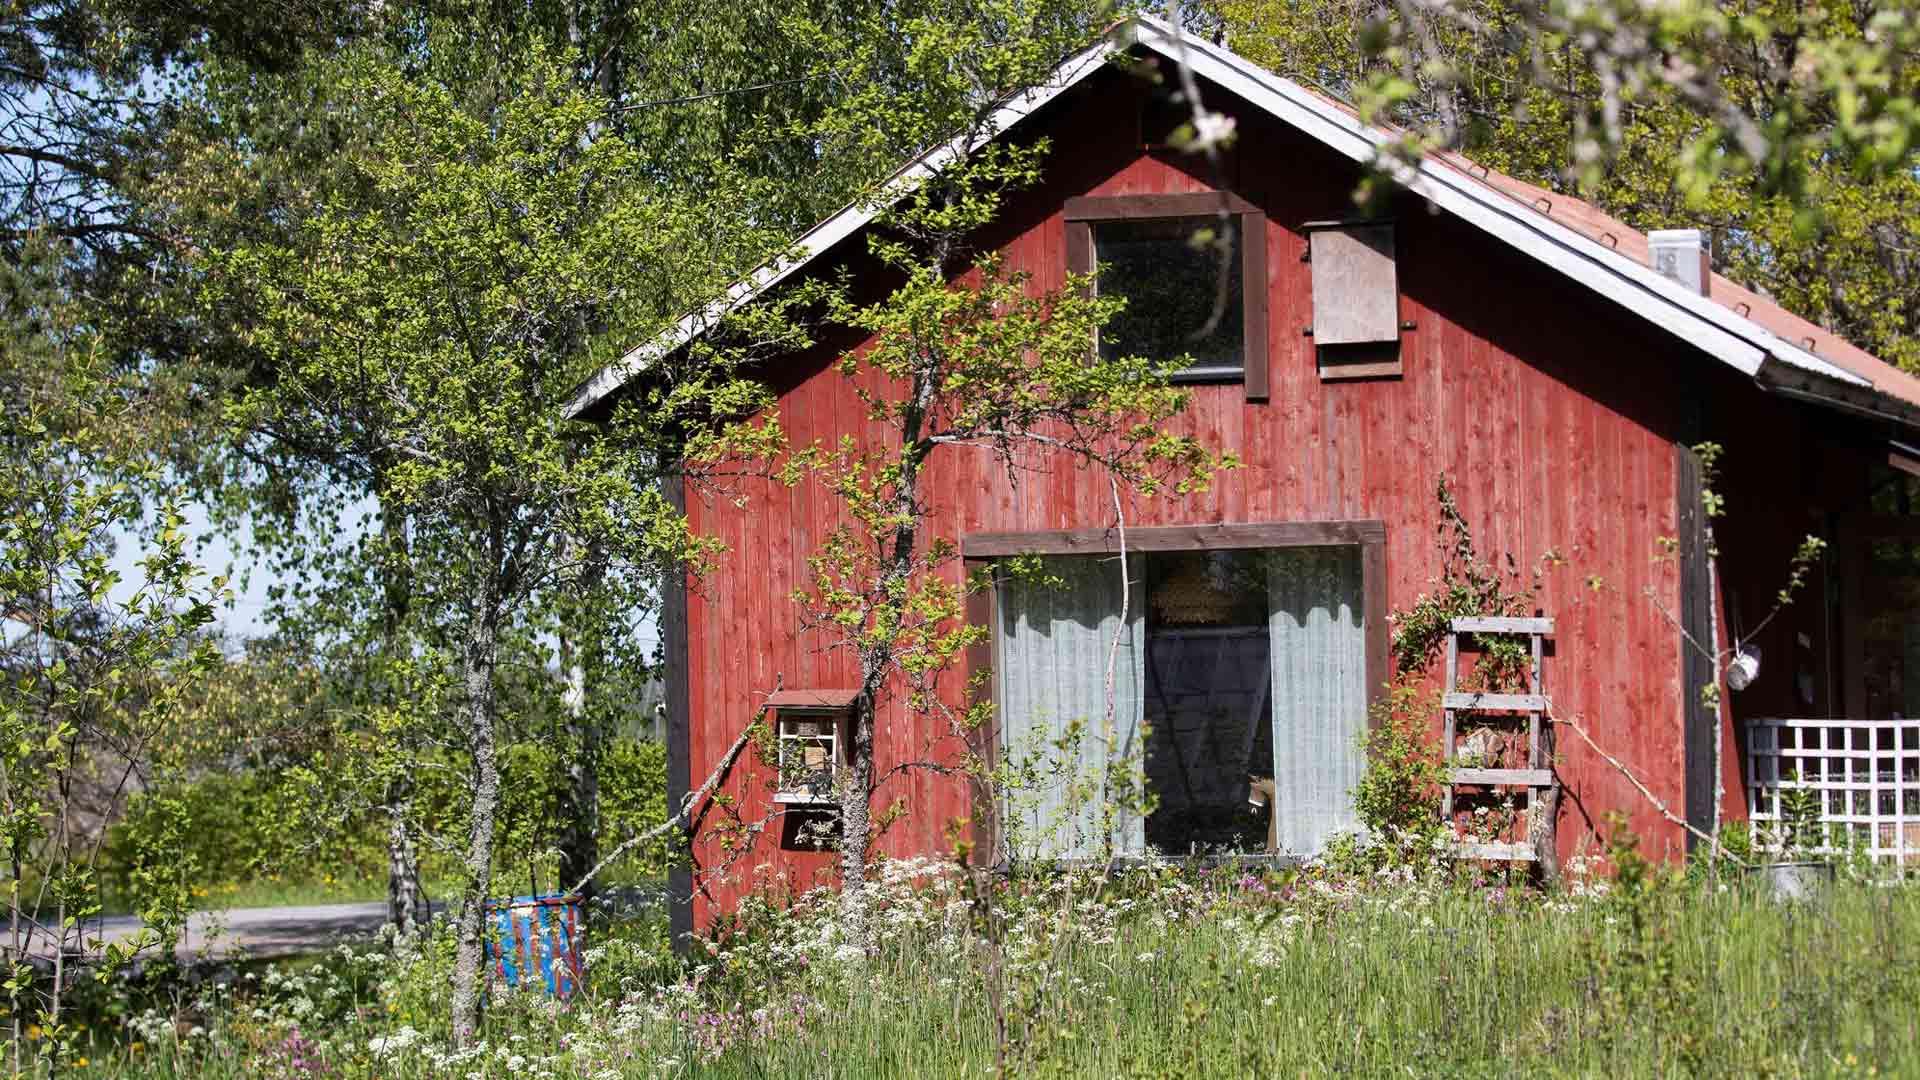 Kirjailija Reetta Niemelän työhuone Maskussa henkii luonnonläheisyyttä. Seinille on ripustettu hyönteishotelleja ja linnunpönttöjä.